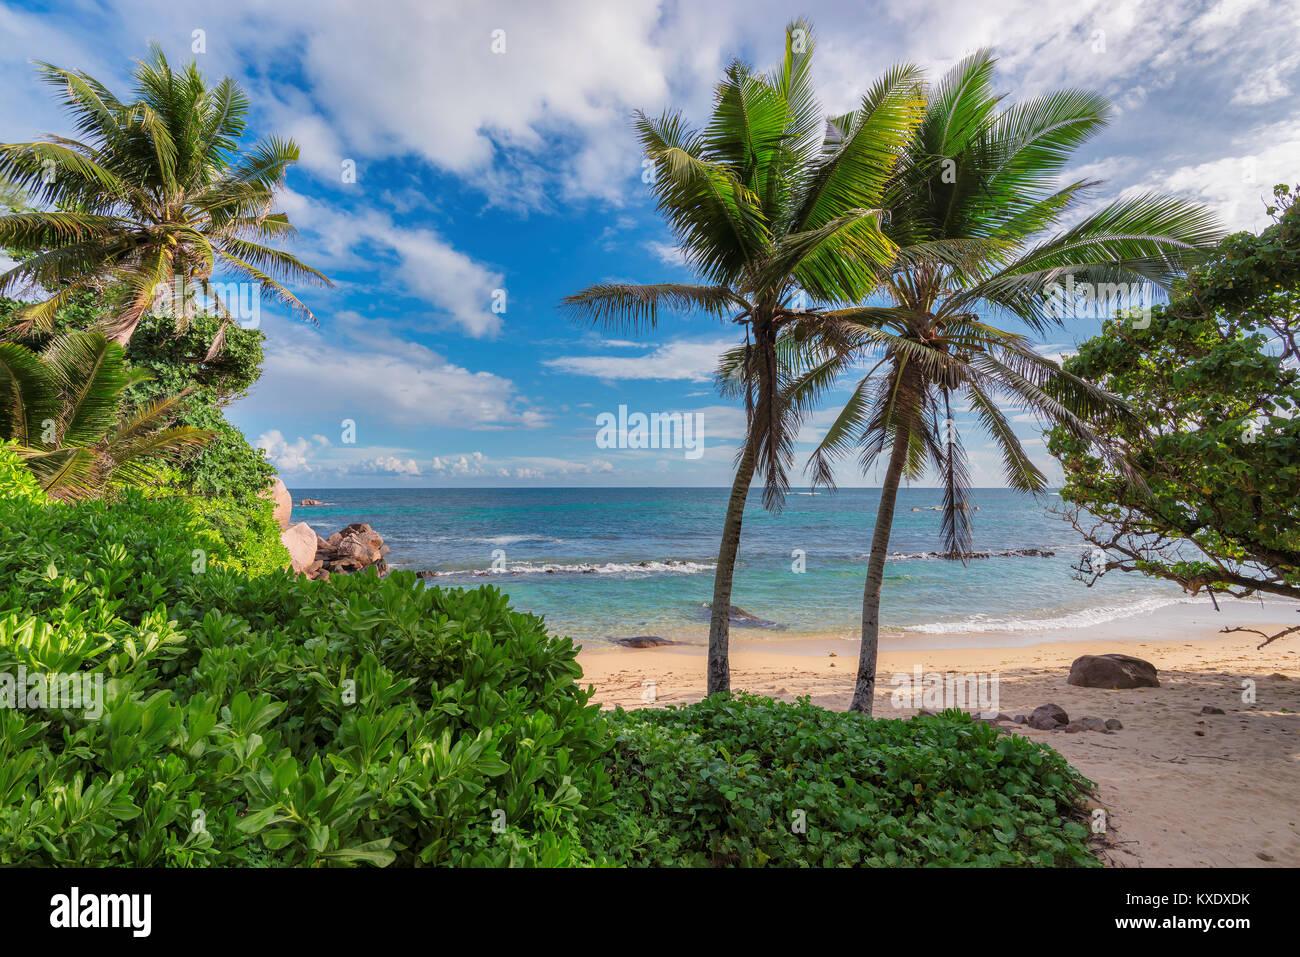 Bella vista di una selvaggia spiaggia tropicale nella parte meridionale di Saychelles nella giornata di sole. Immagini Stock